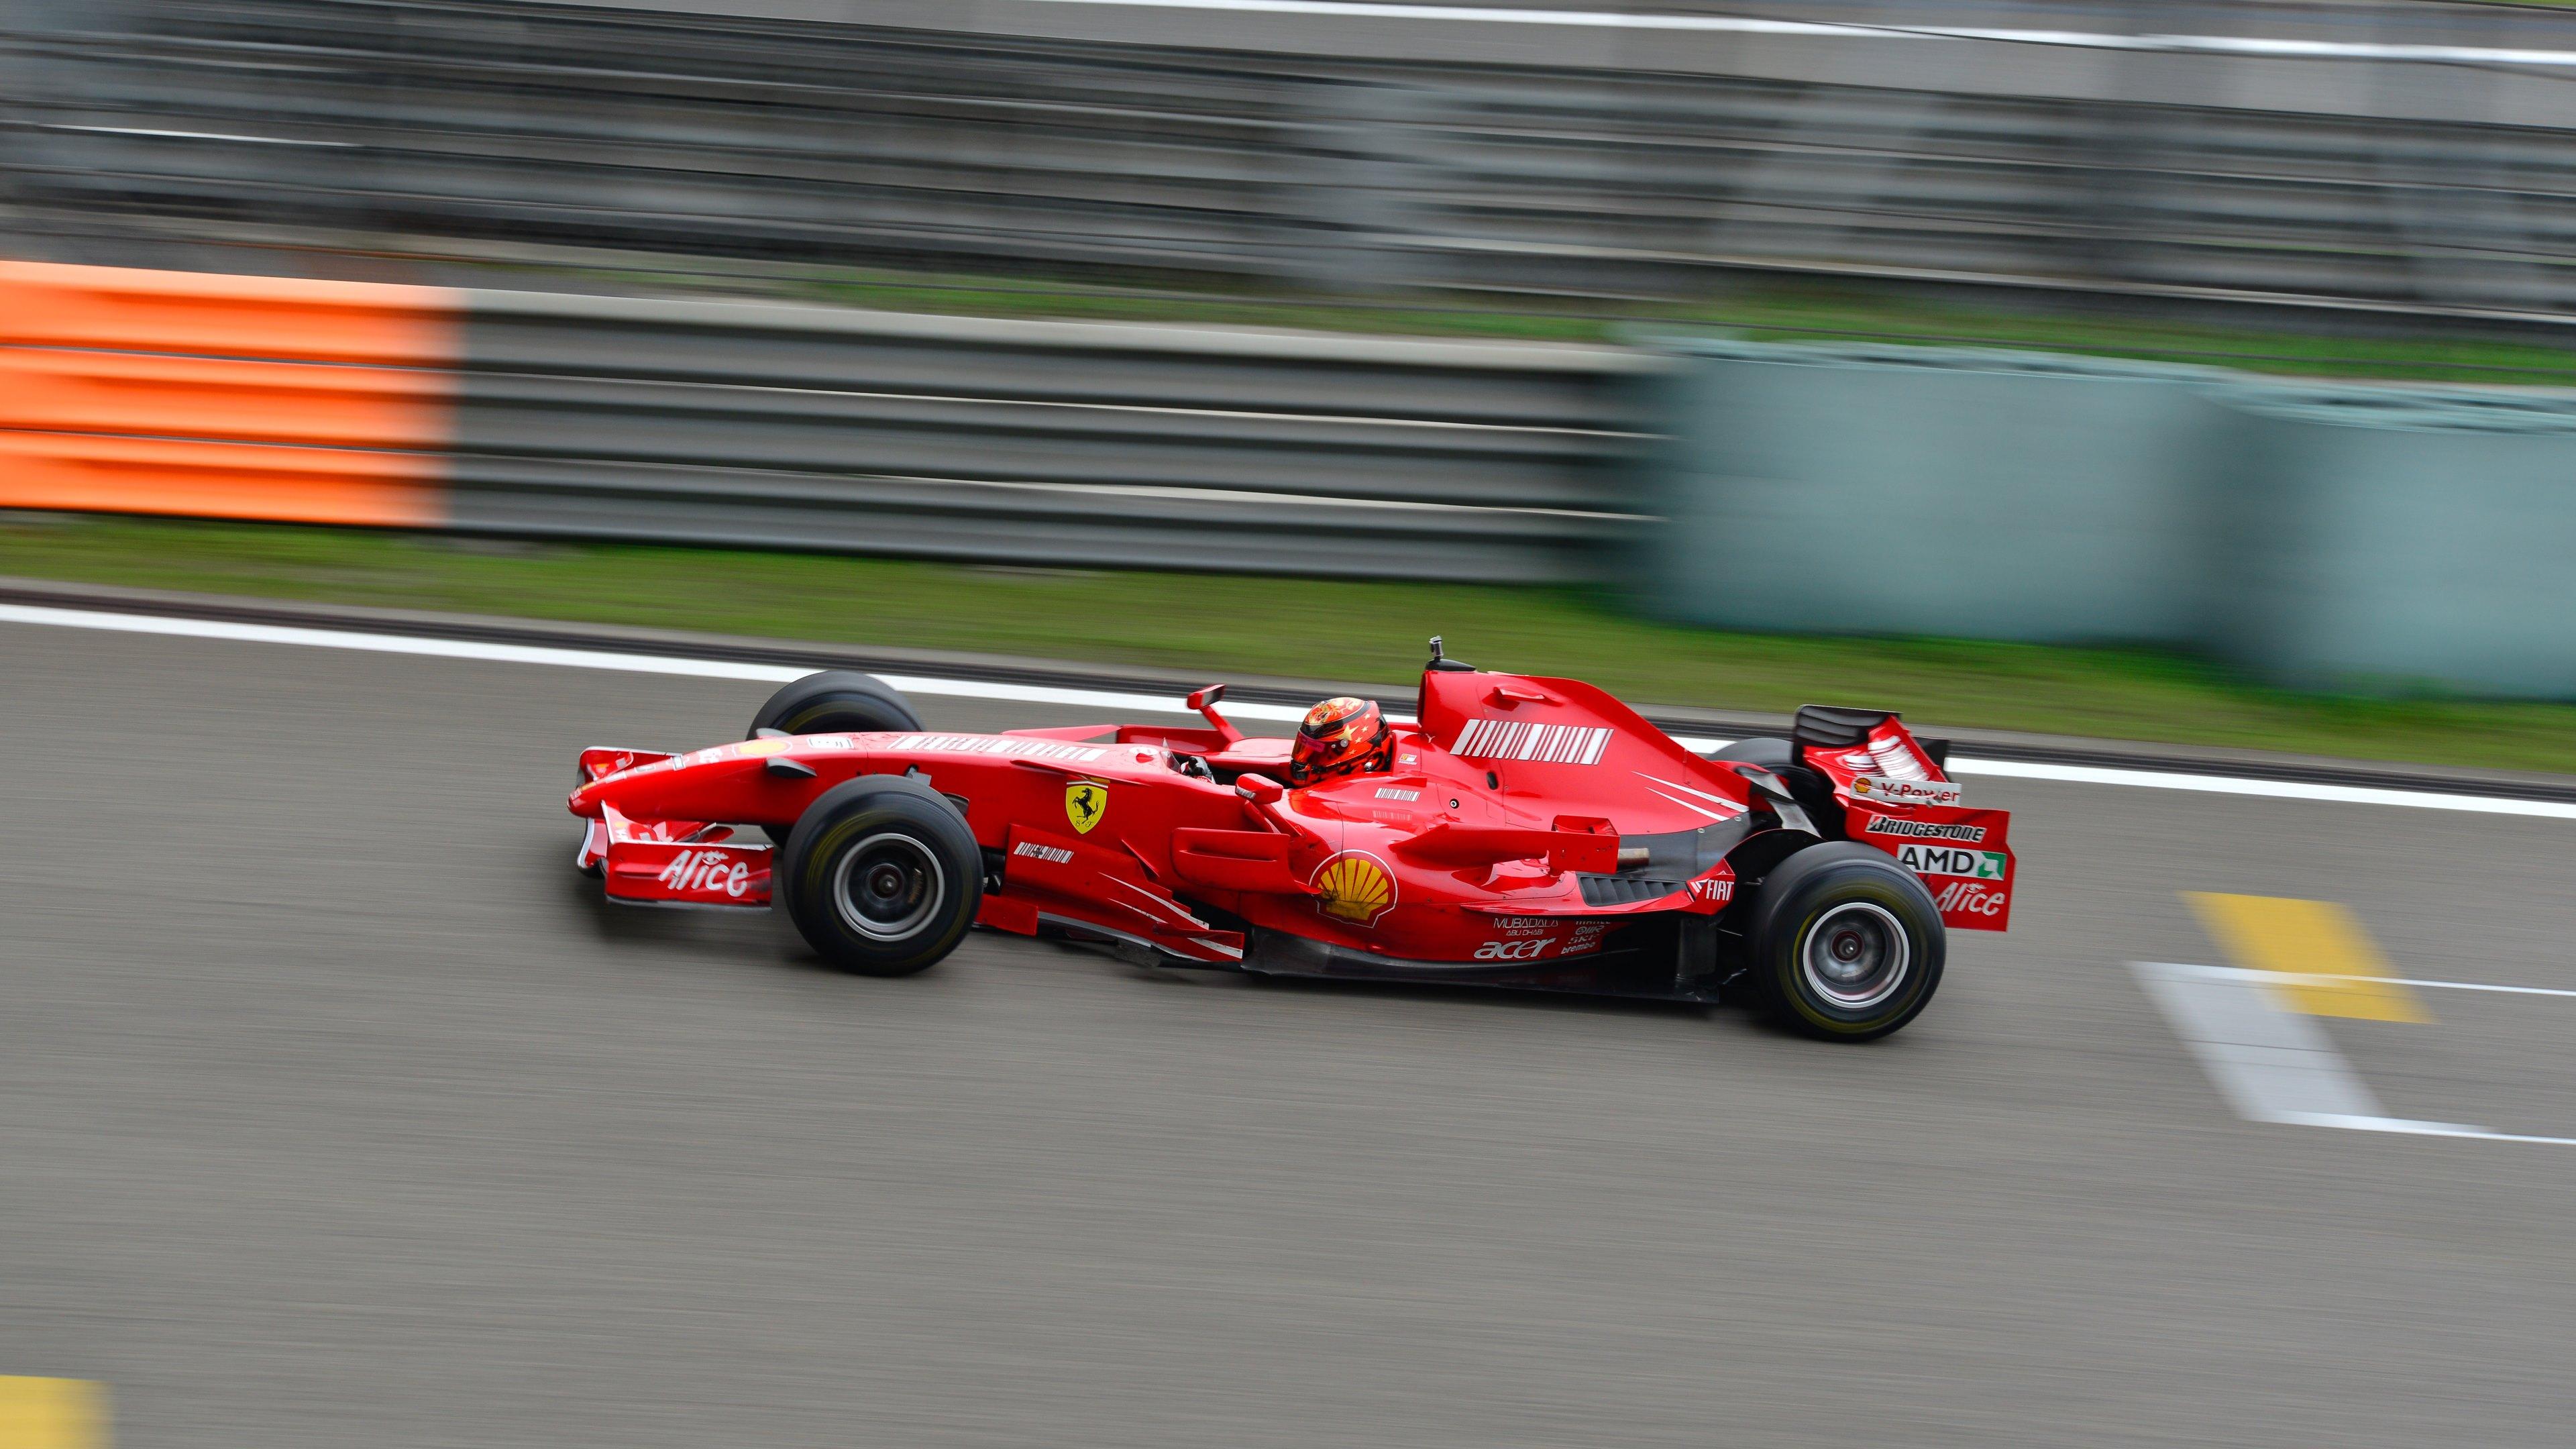 Esportes F1 Ferrari F1 Racing Papel De Parede